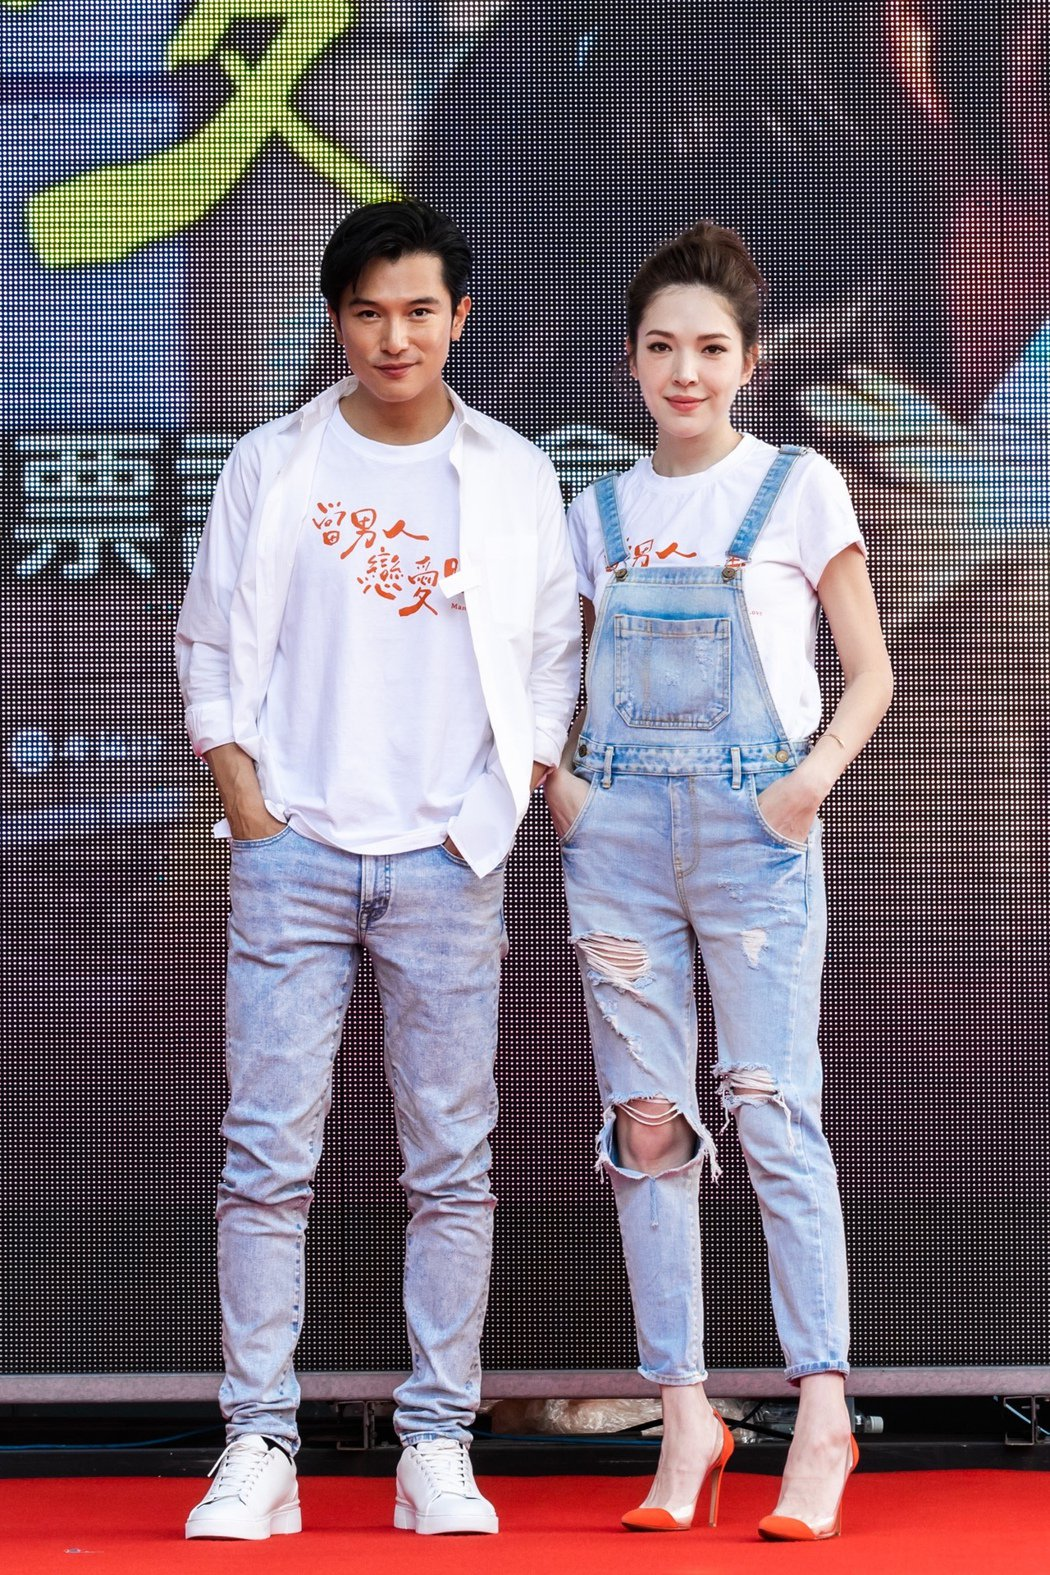 邱澤(左)、許瑋甯(右)出席「當男人戀愛時」謝票記者會,許瑋甯在爆發婚變傳言後,